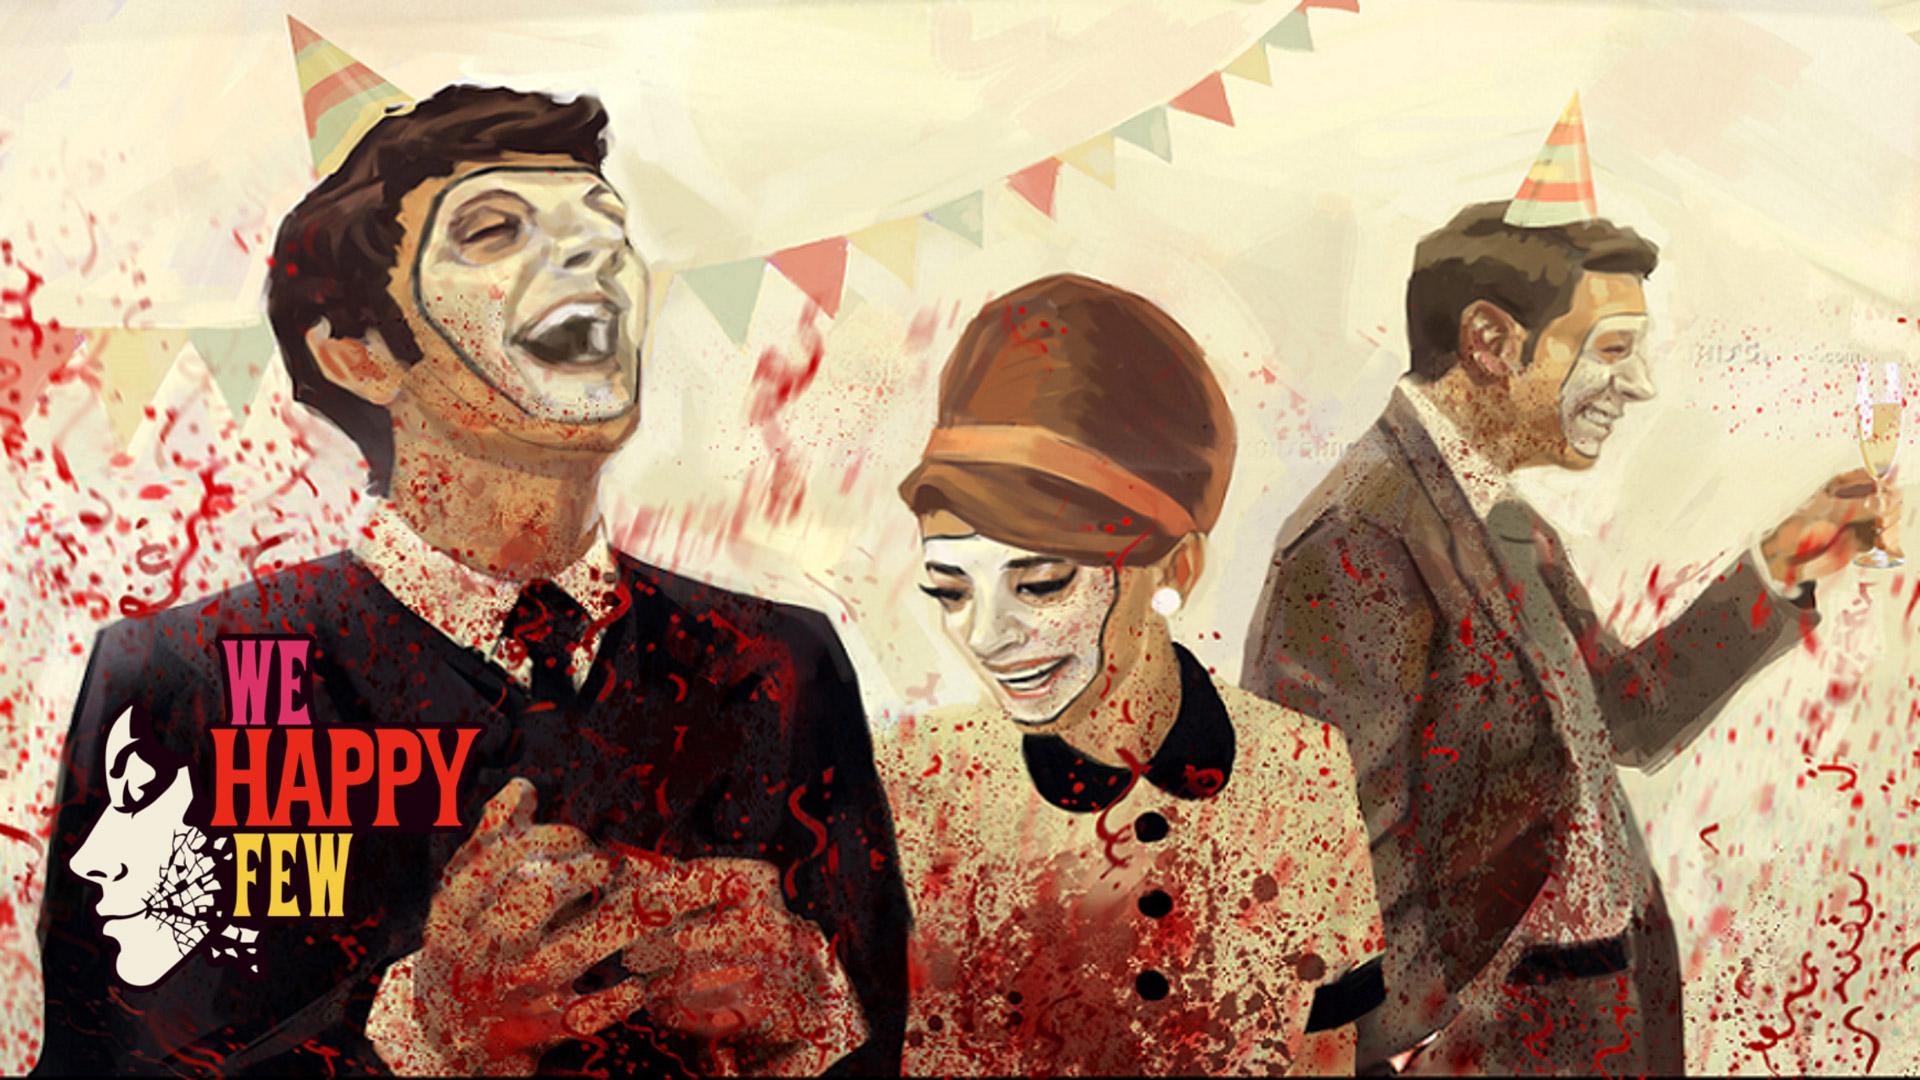 Free We Happy Few Wallpaper in 1920x1080